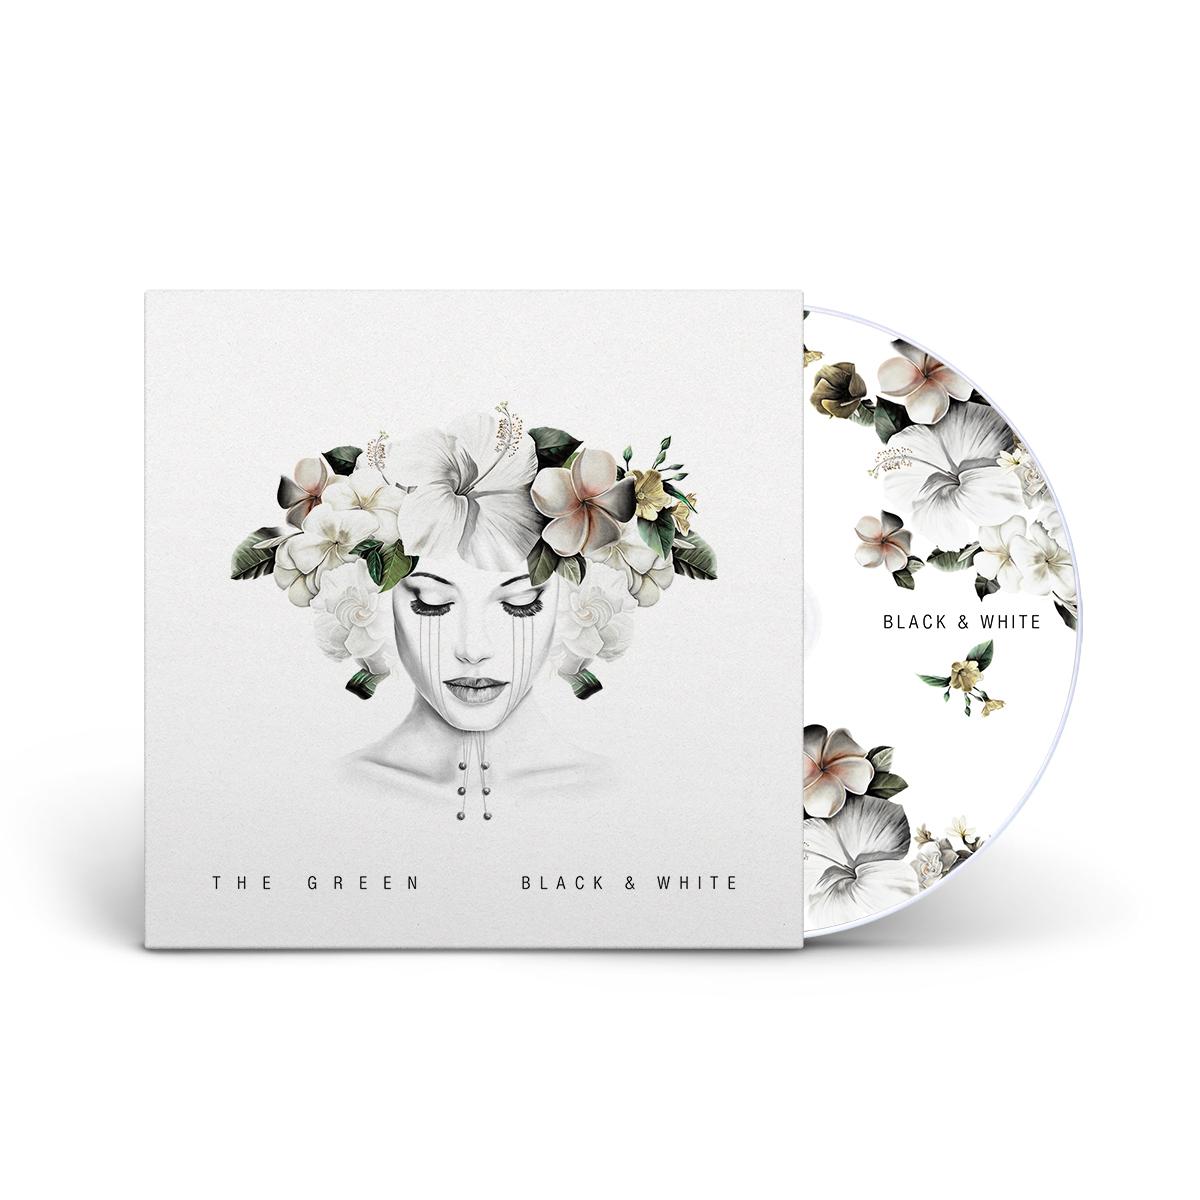 The Green: Black & White CD